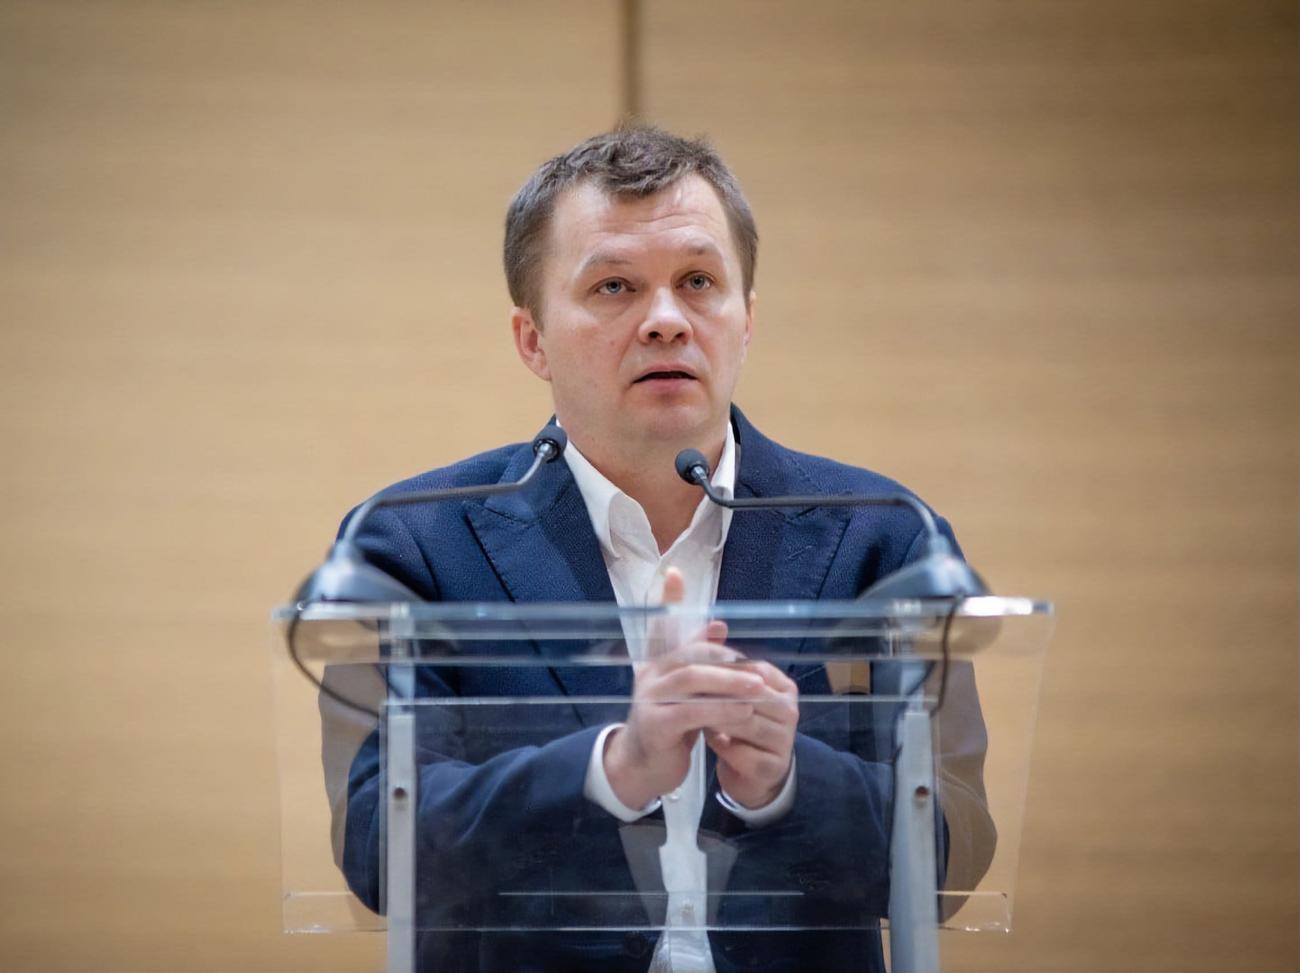 Милованов заявив, що його міністерство буде розбиратися з високими цінами на бензин